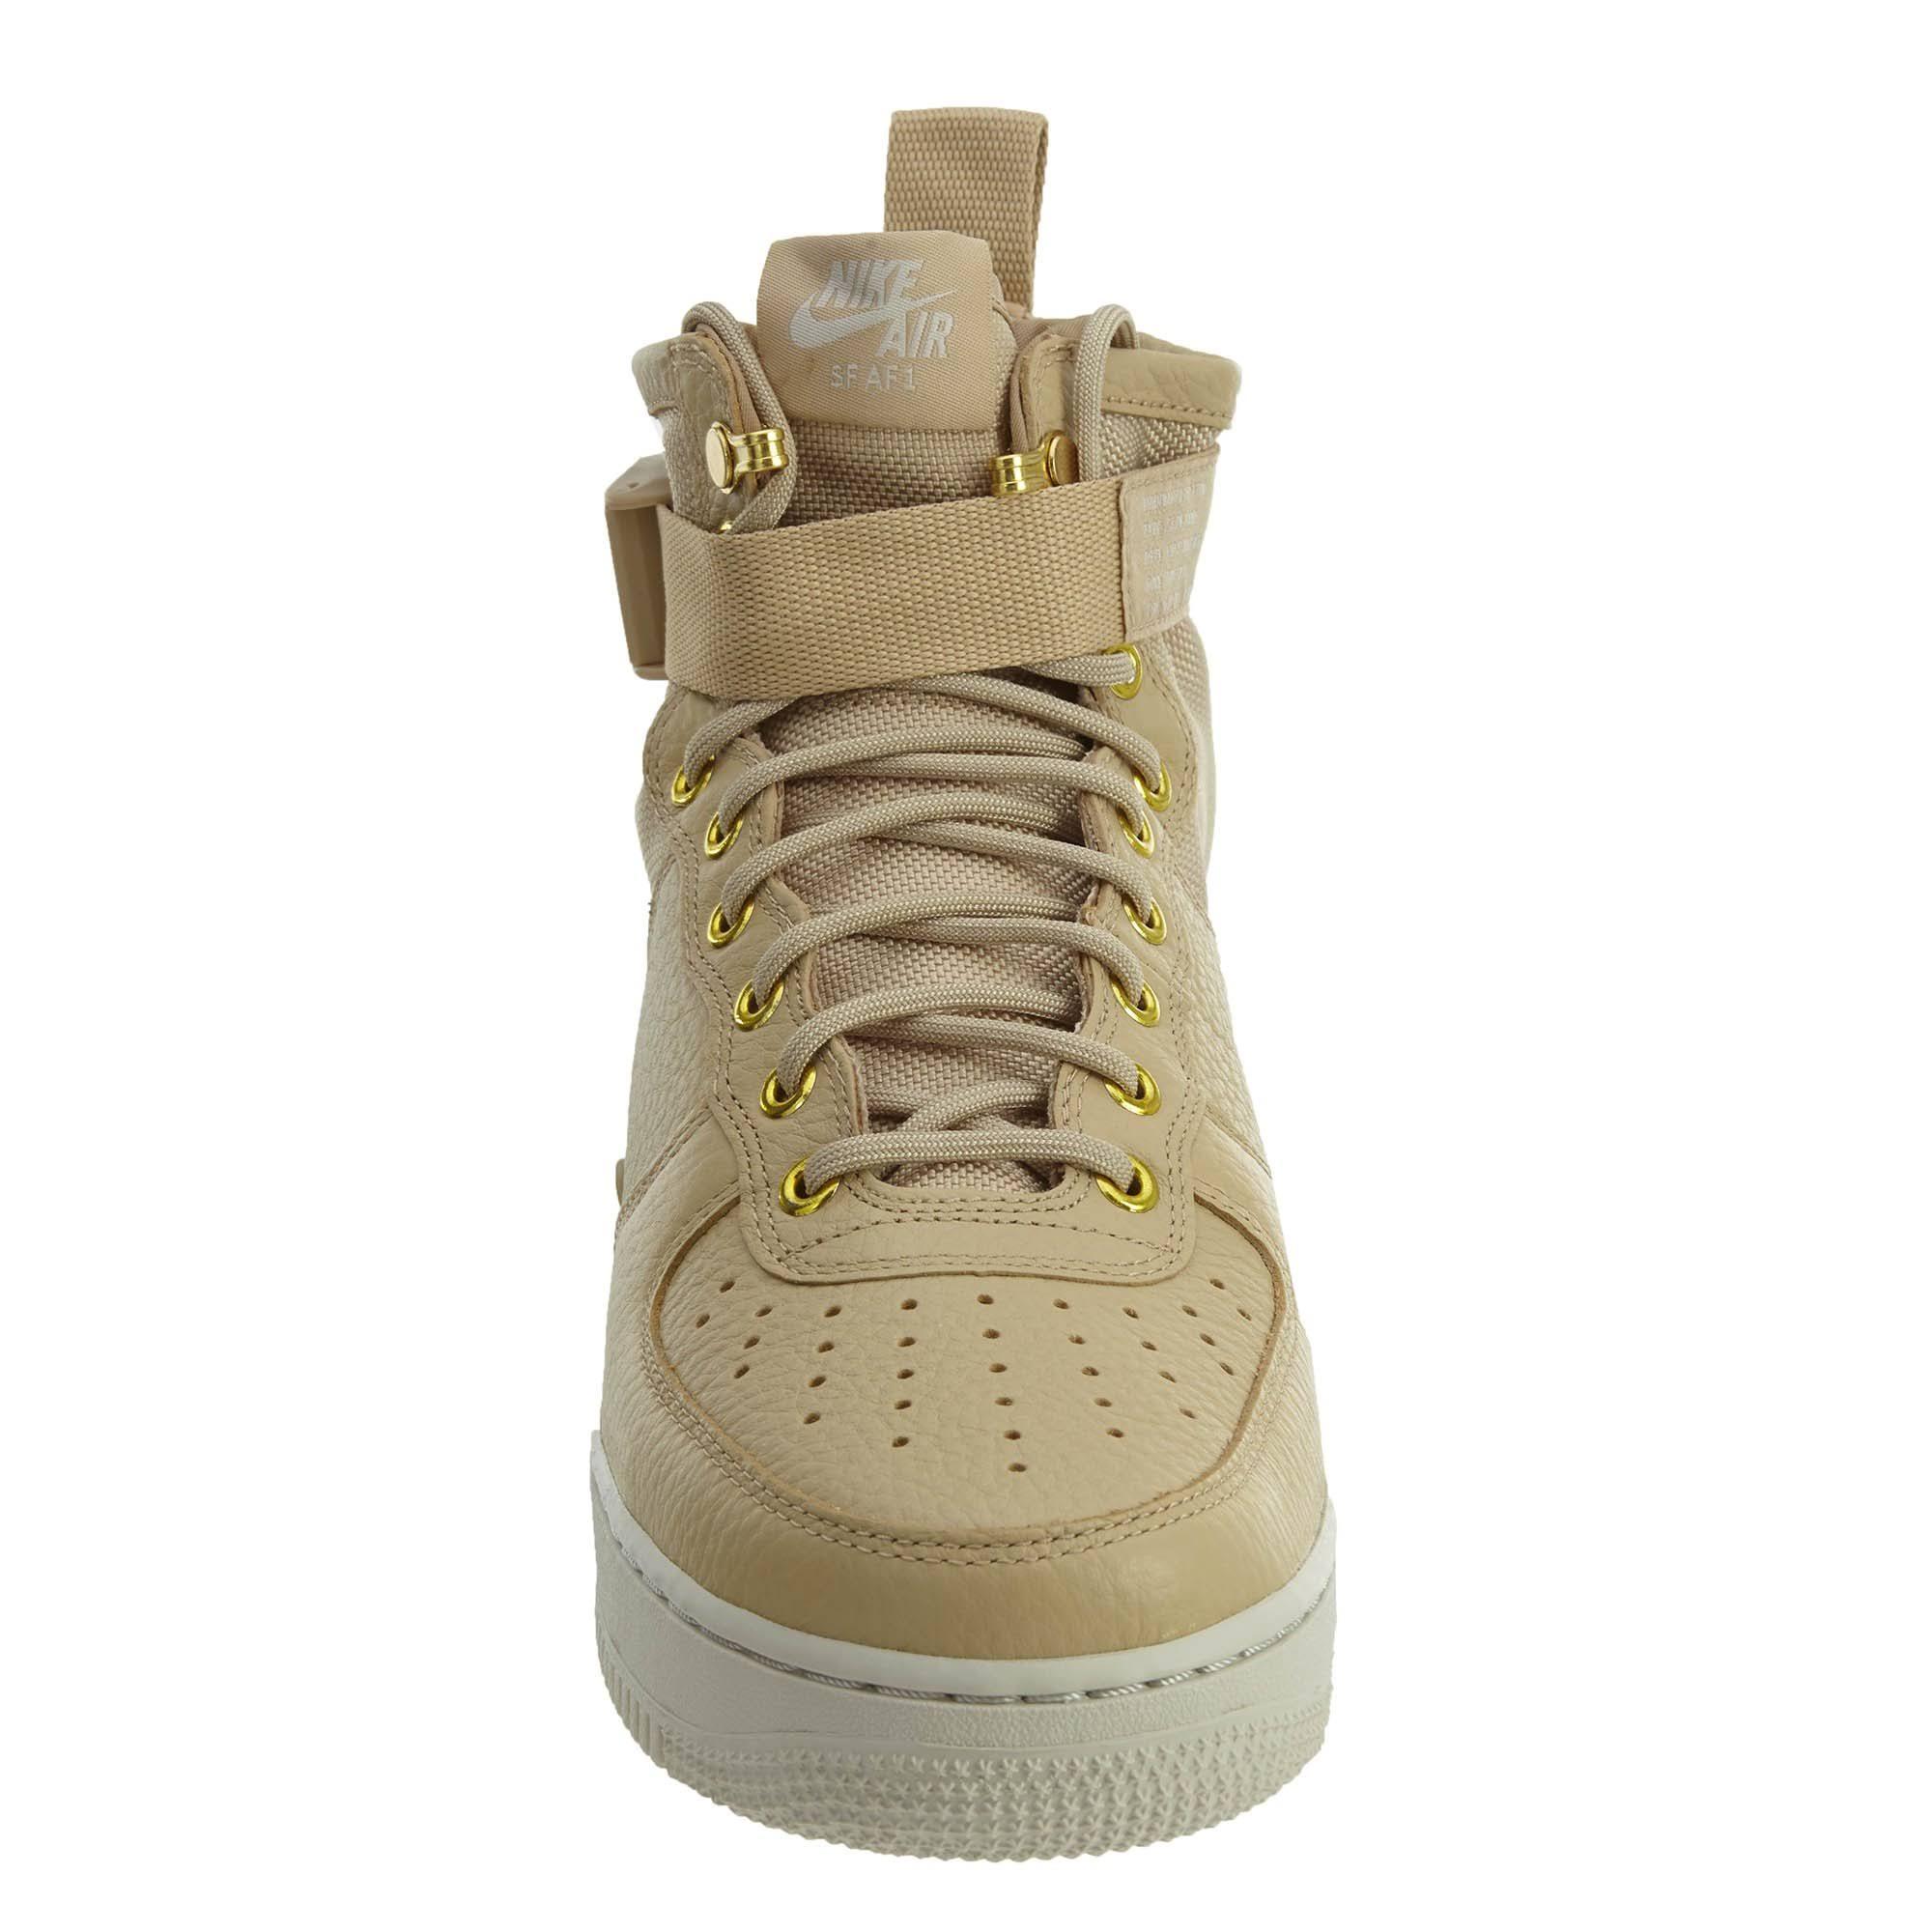 Nike Zapatillas Sf Af1 917753 Hombre Para Mid 200 Avdvxran